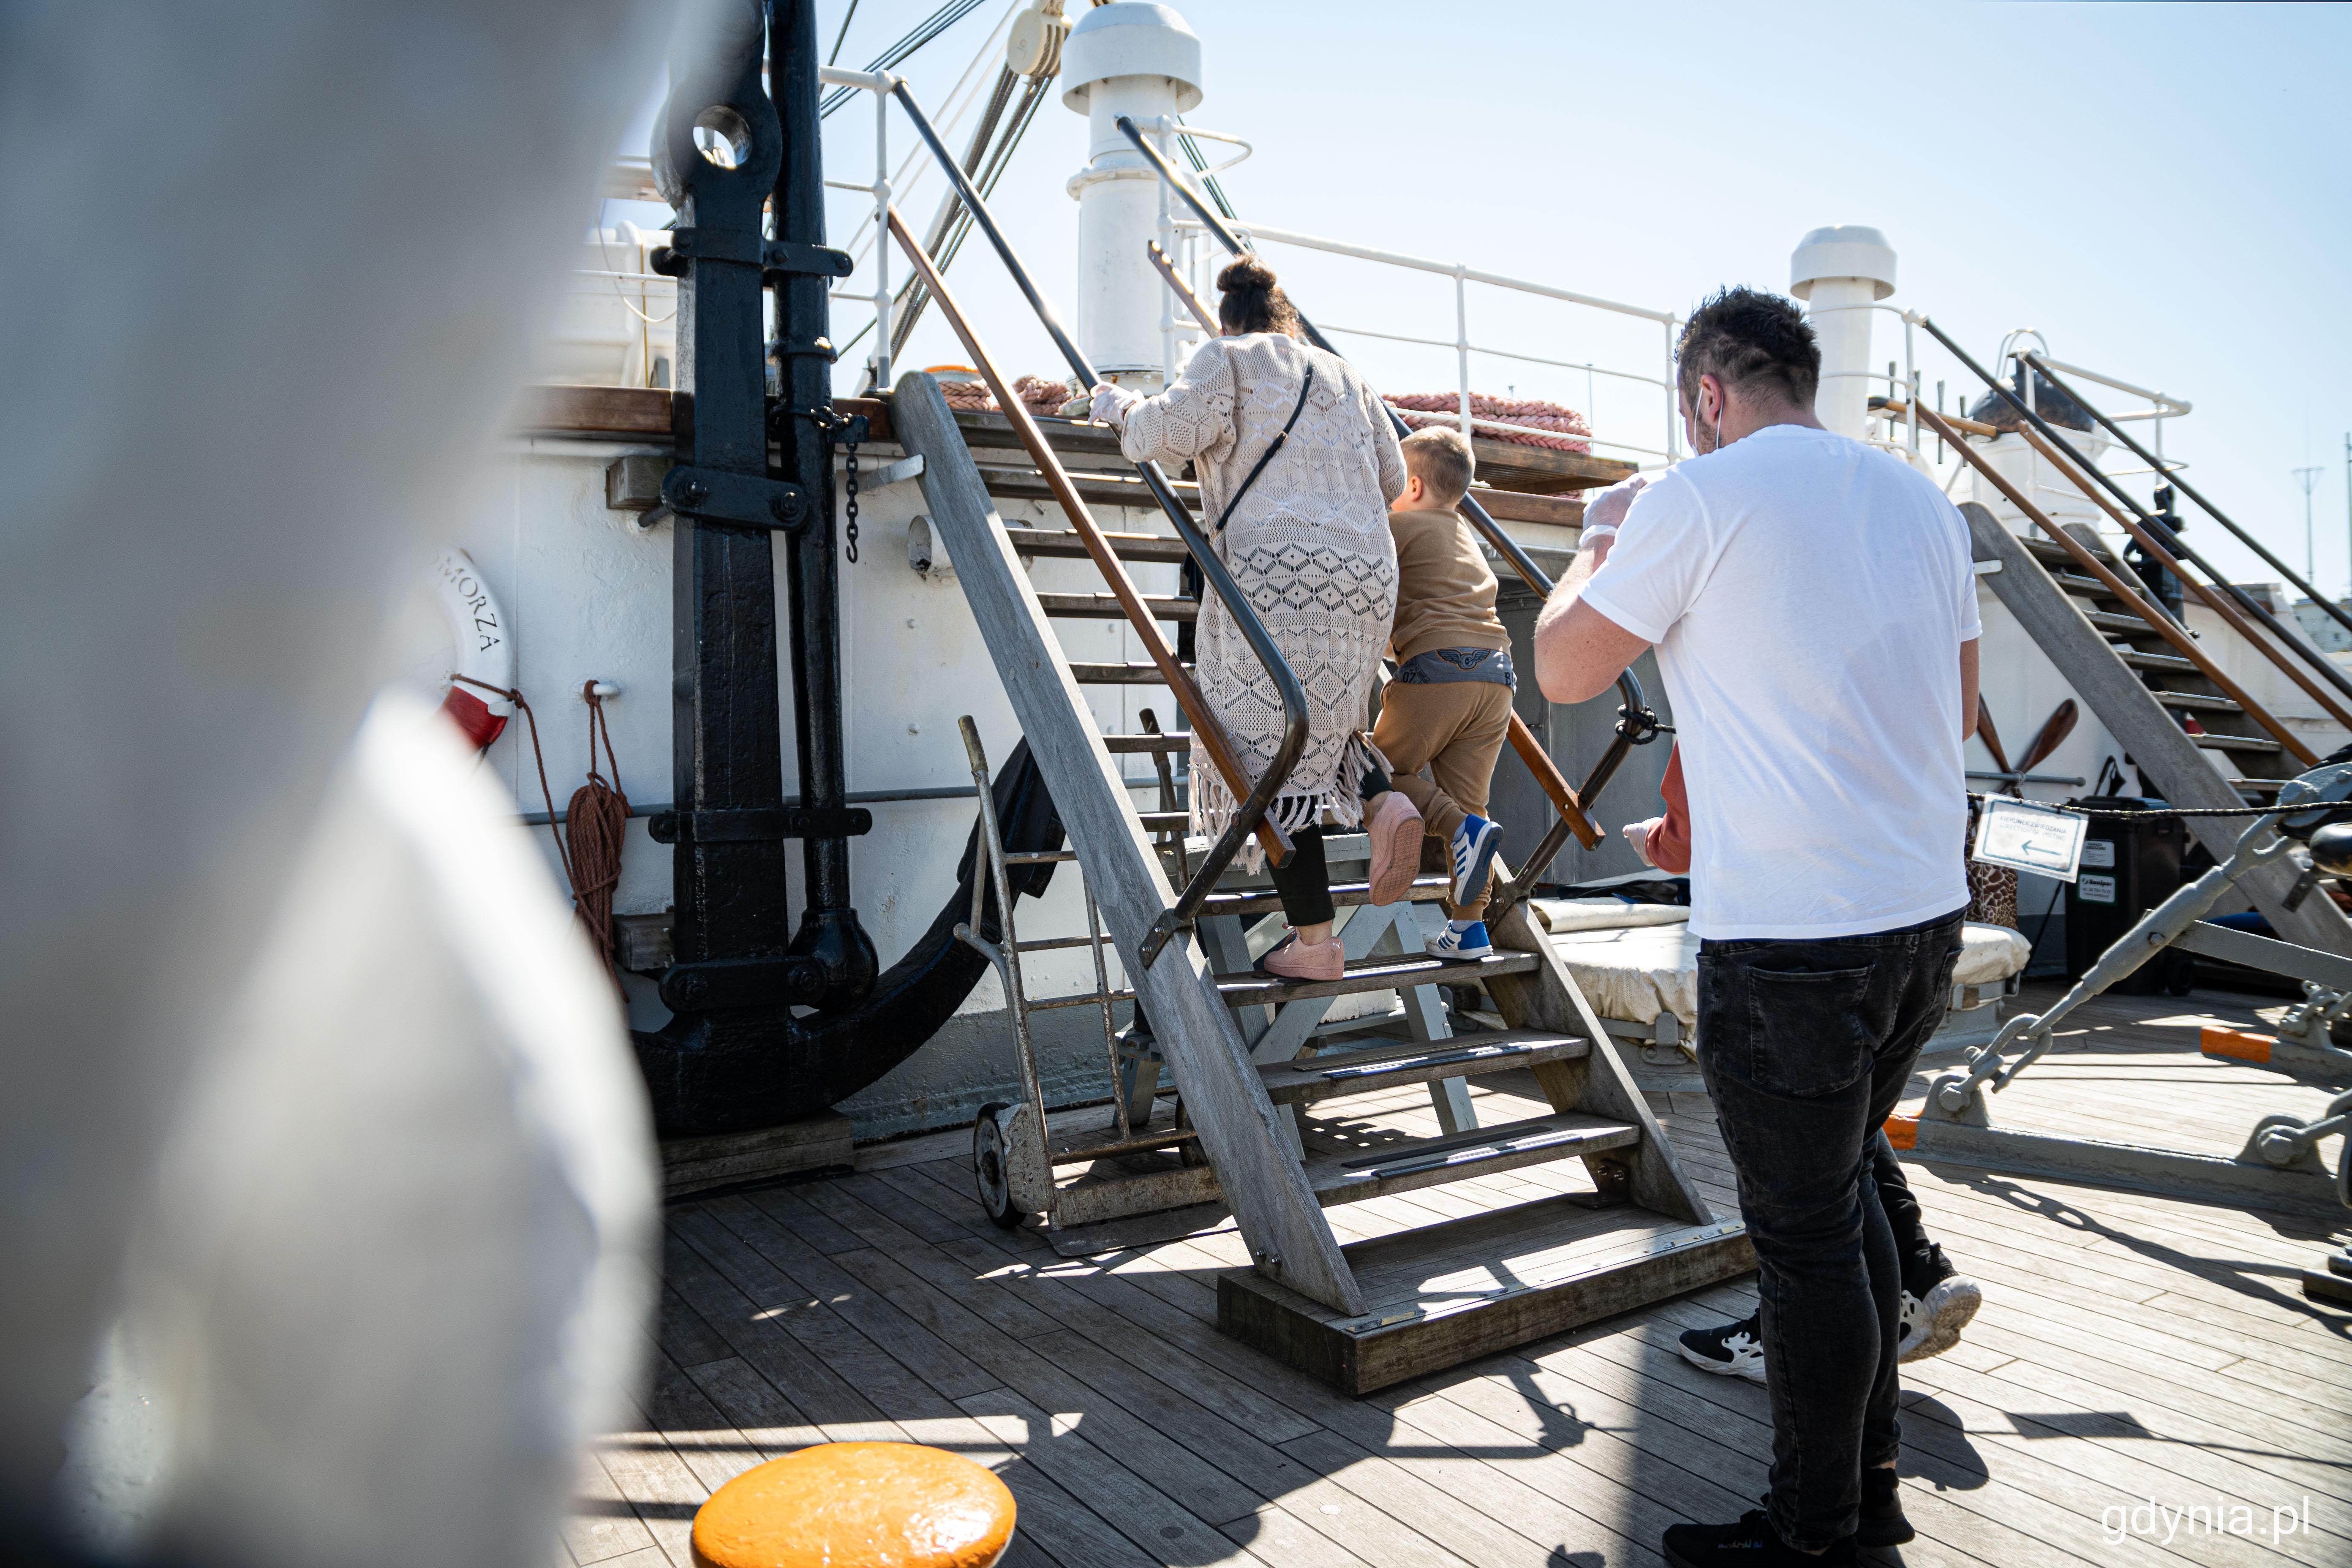 Zwiedzający na statku muszą pokonywać m.in. strome schody, które prowadzą do poszczególnych części żaglowca, fot. Kamil Złoch